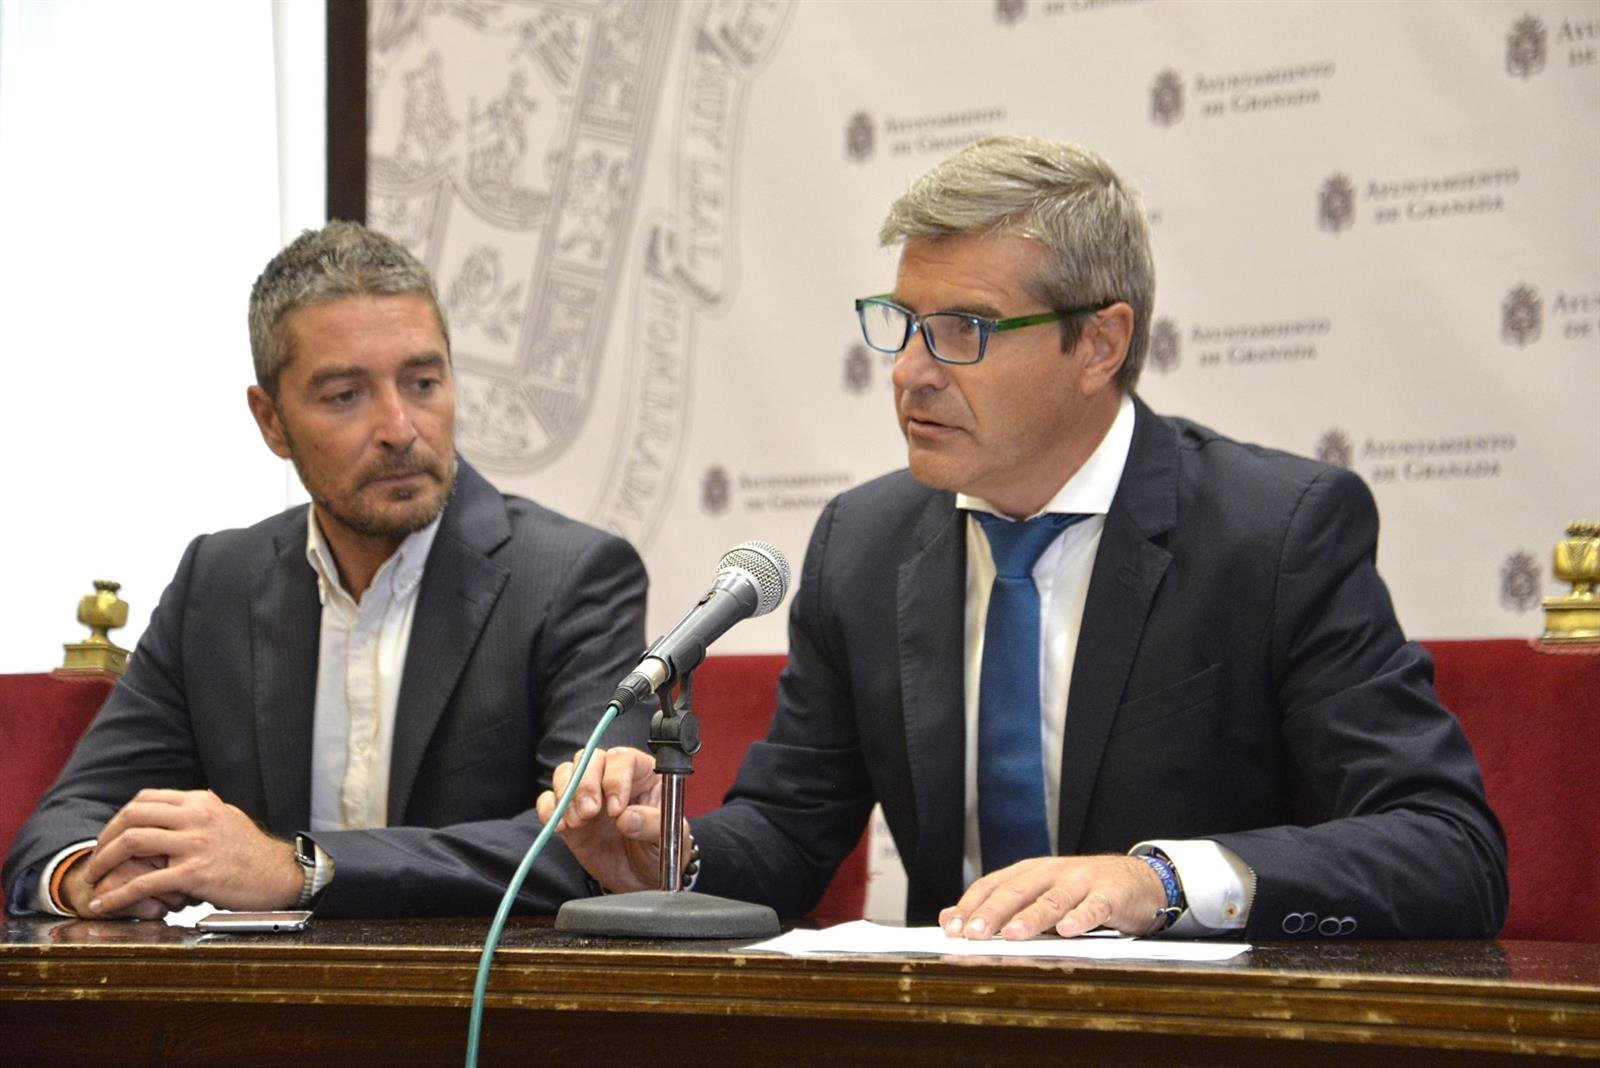 El Ayuntamiento aumentará los horarios y ampliará las zonas de terrazas para favorecer la hostelería